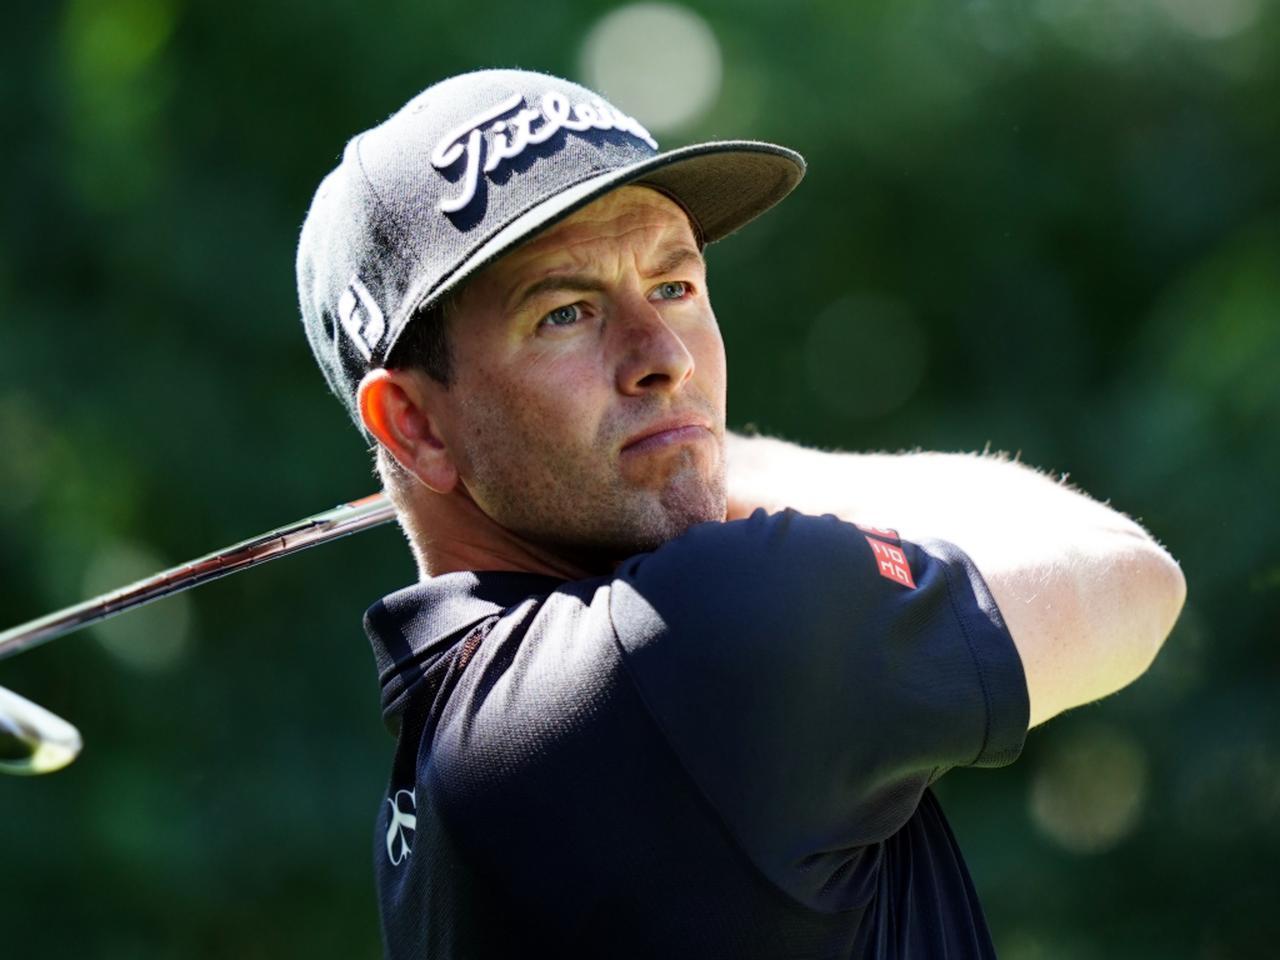 画像: 2019-20シーズンで米PGA・欧州ツアーですでに2勝を挙げているアダム・スコット(写真は2020年のWGCメキシコ選手権 撮影/姉崎正)